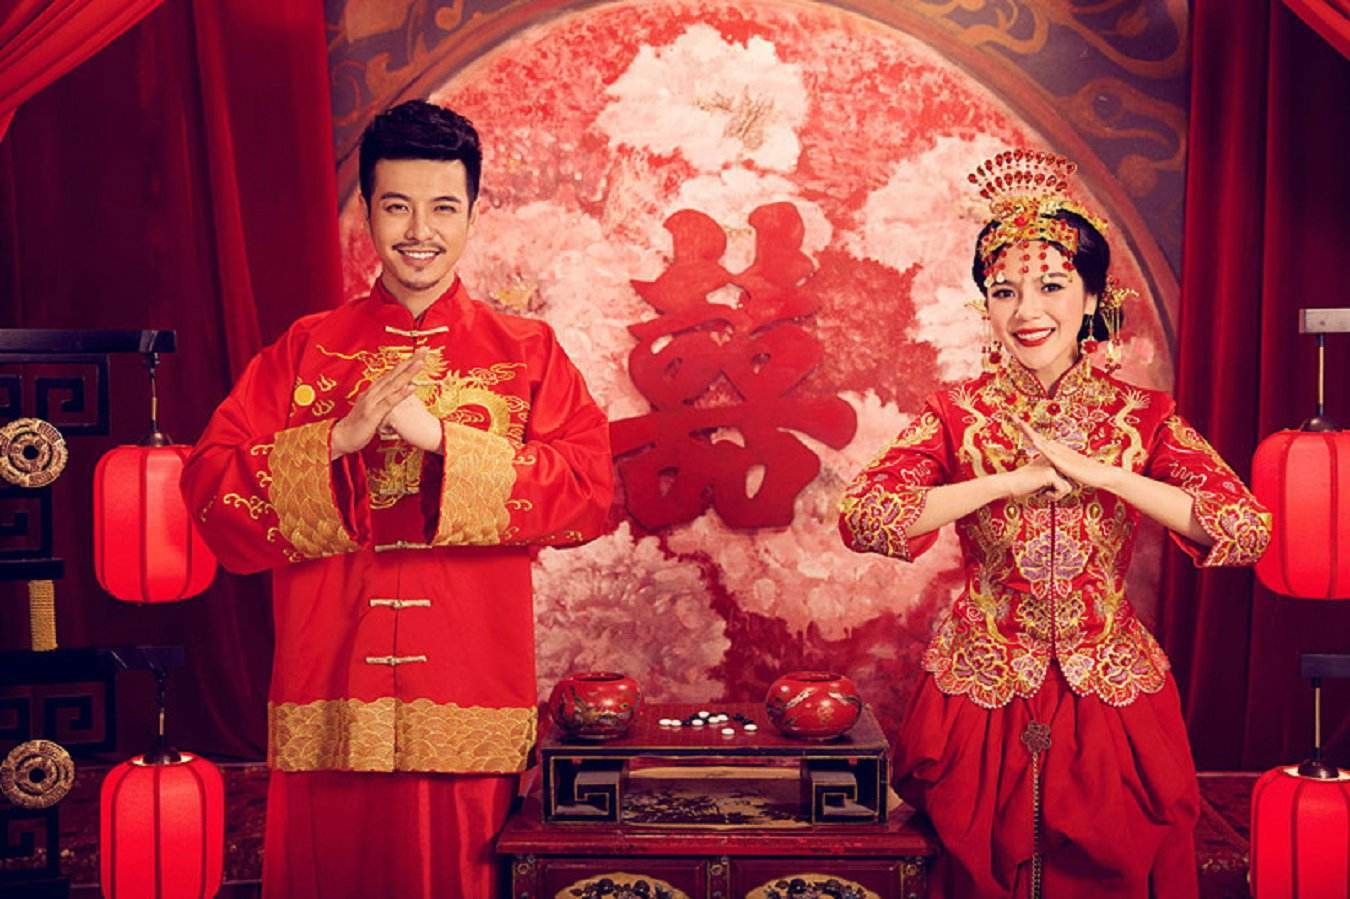 中式婚礼or西式婚礼?图片